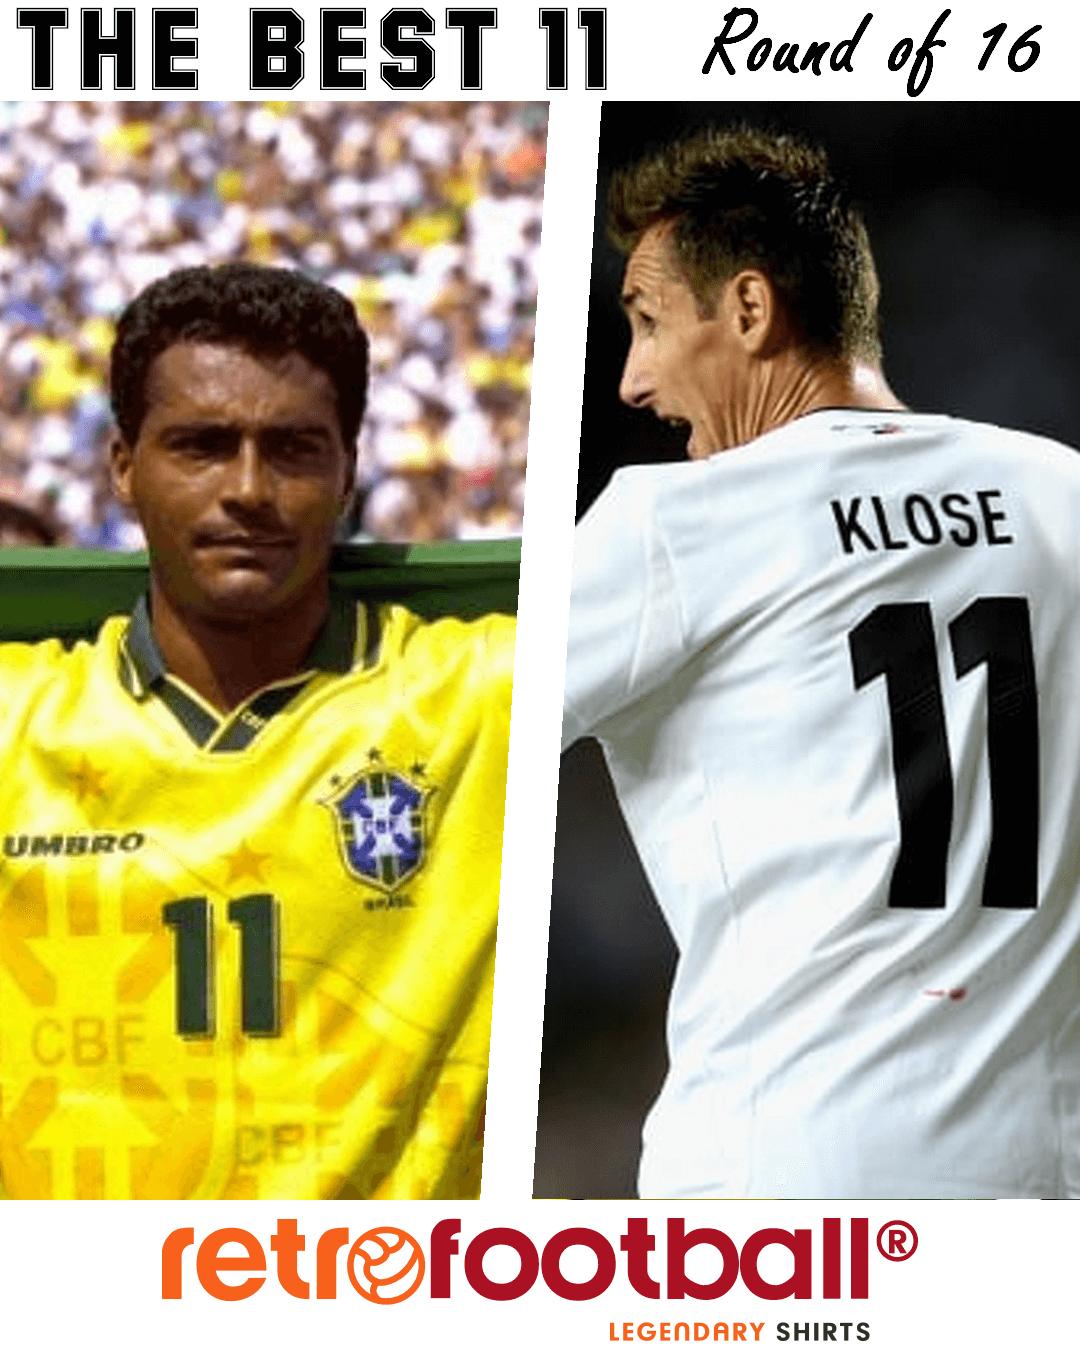 meilleur numéro 11 - Romario Klose